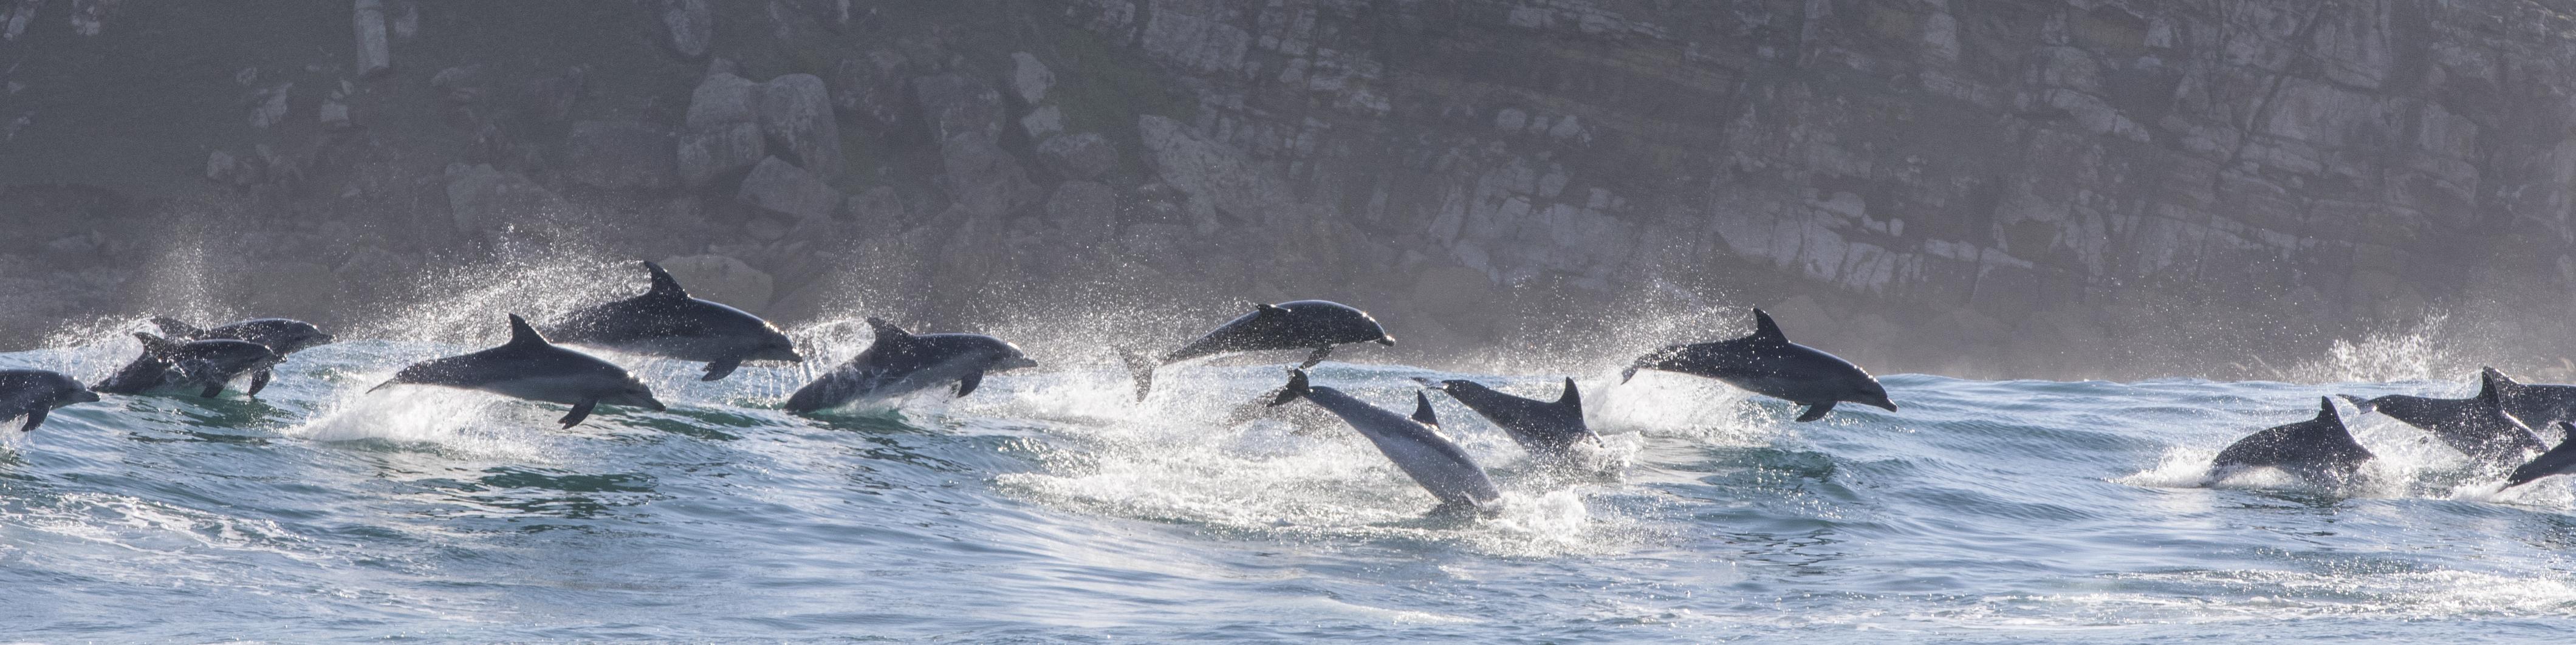 Sardine Run Animal Ocean Steve Benjamin